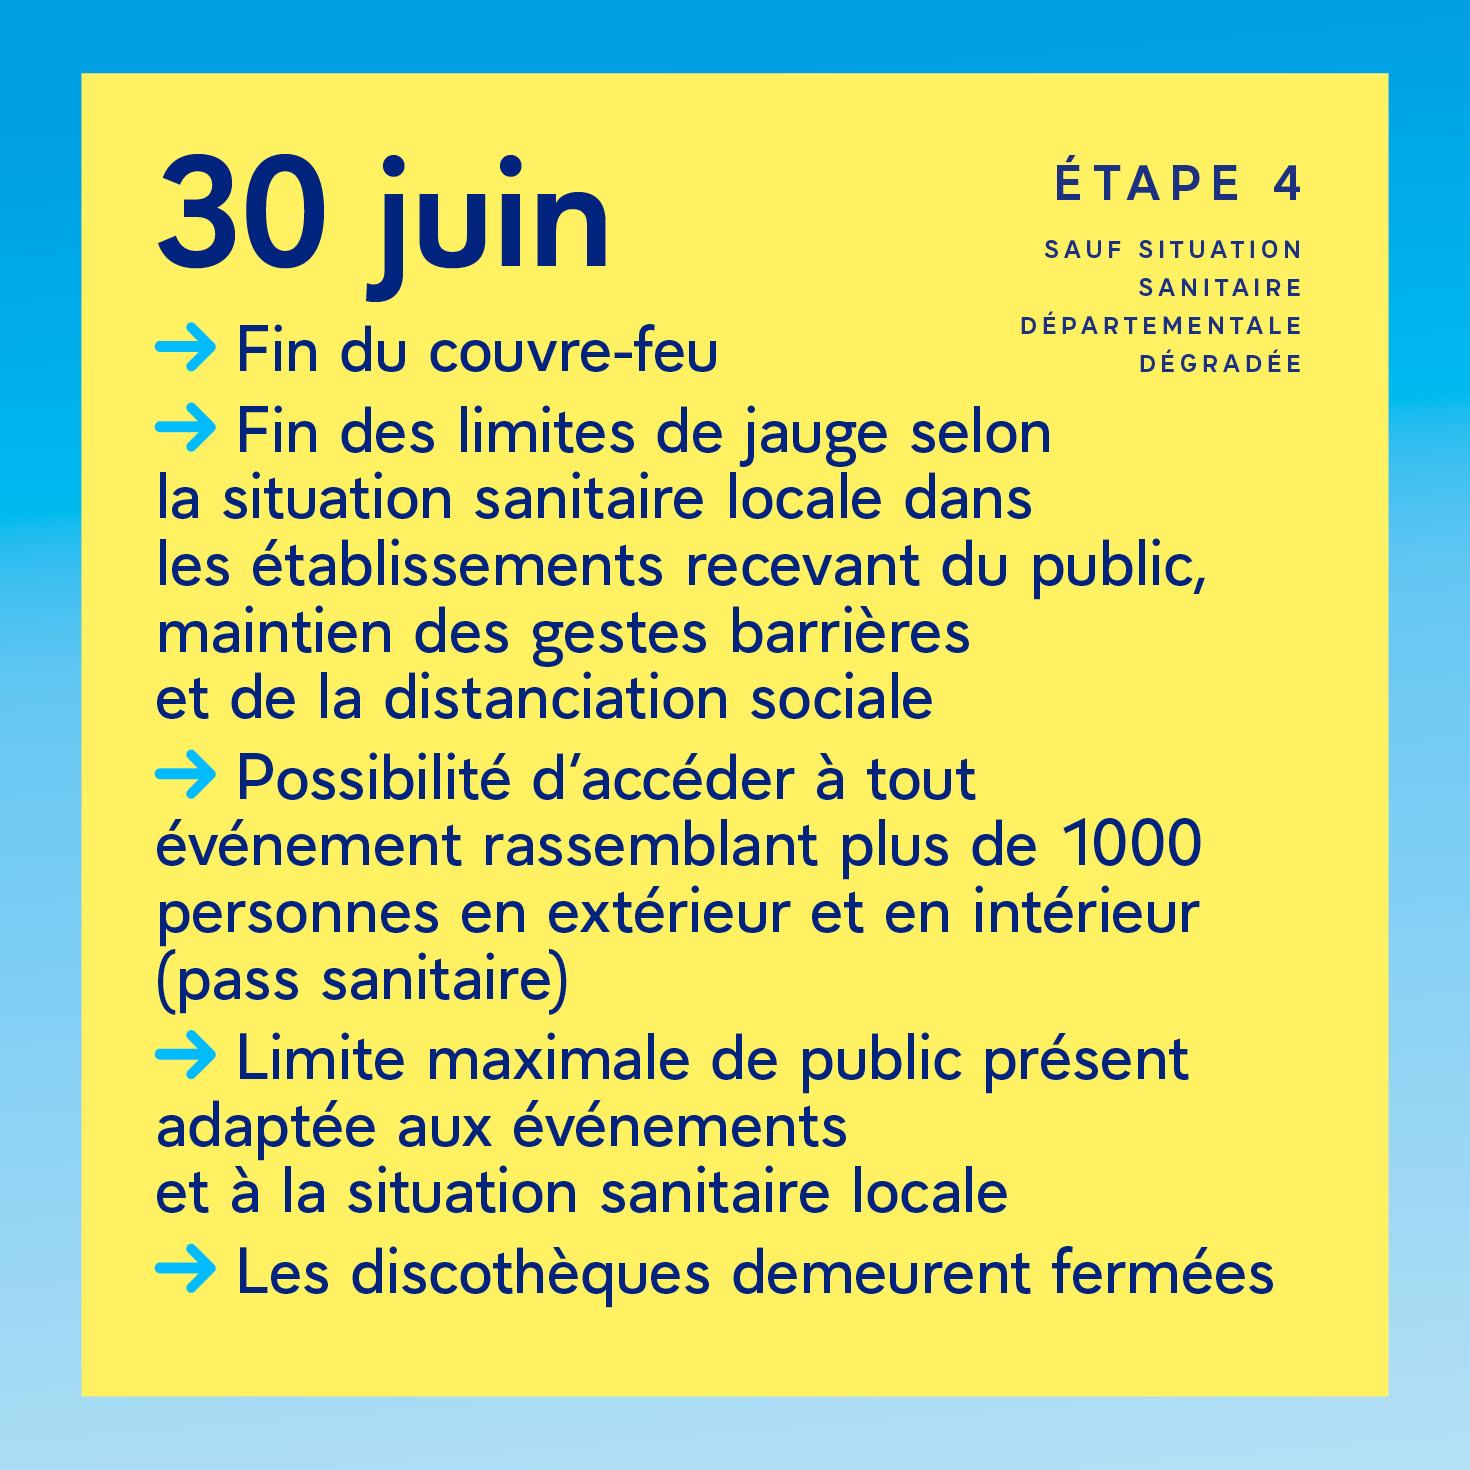 ডিকনফাইনমেন্ট_2021_30_juin.jpg